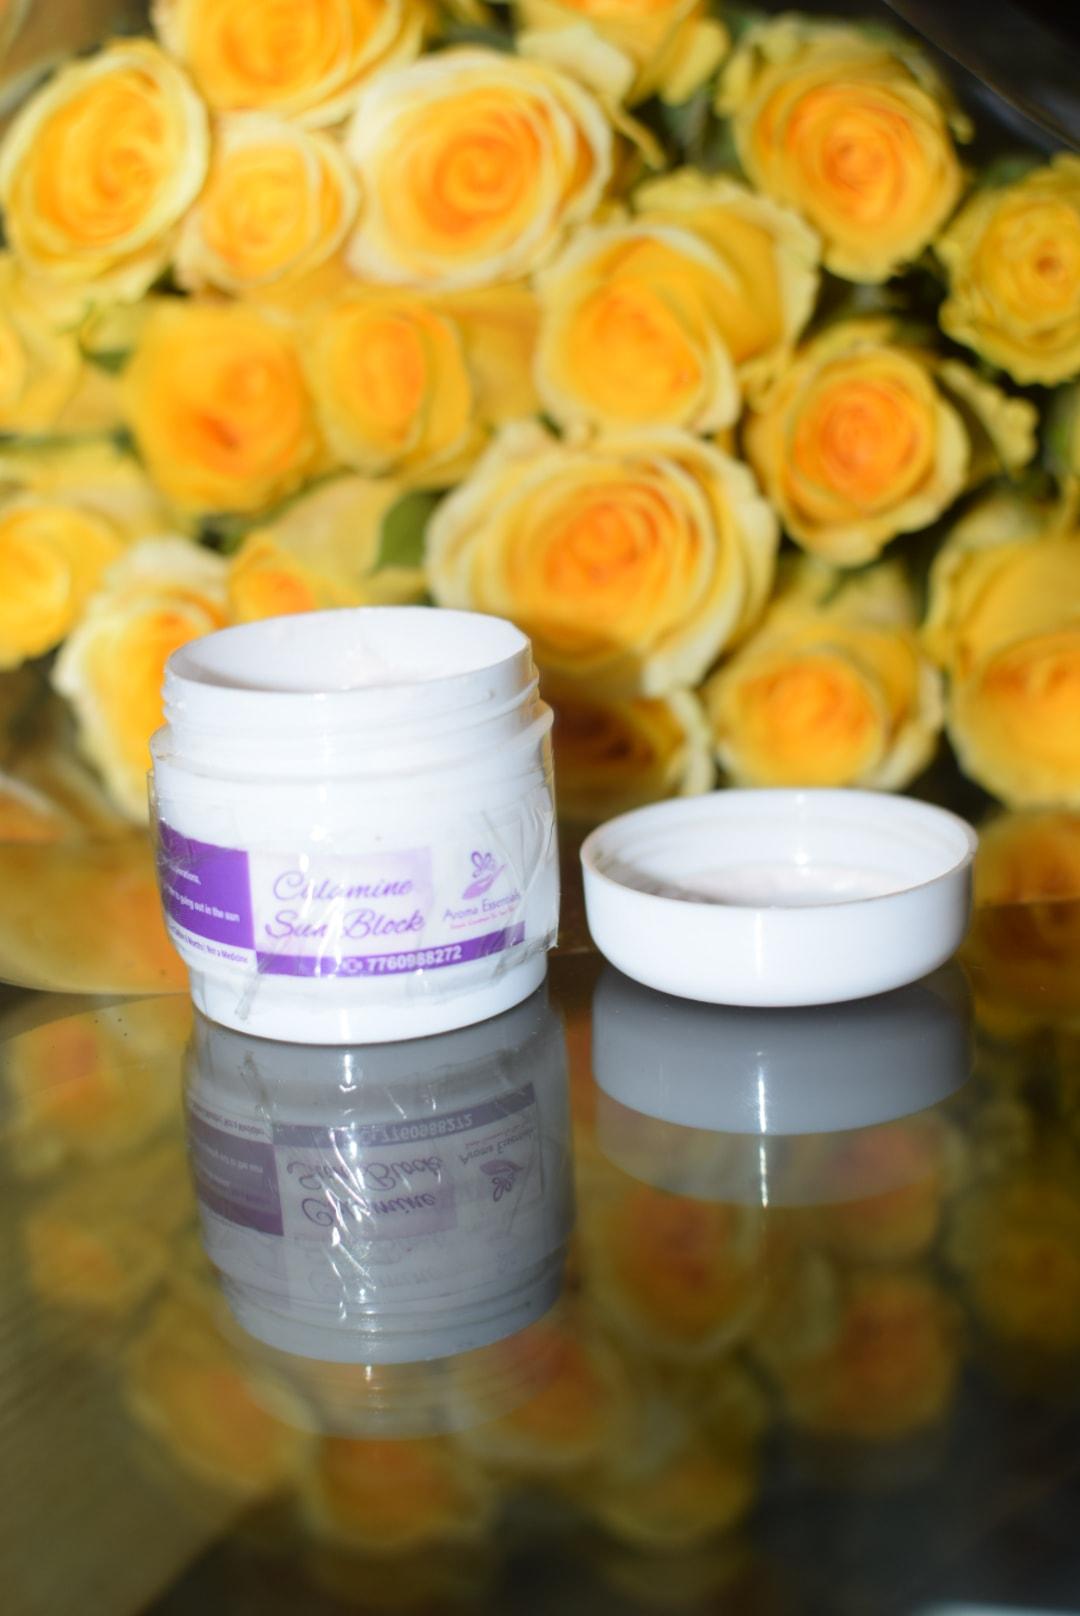 Aroma Essentials Calamine Sunblock Review